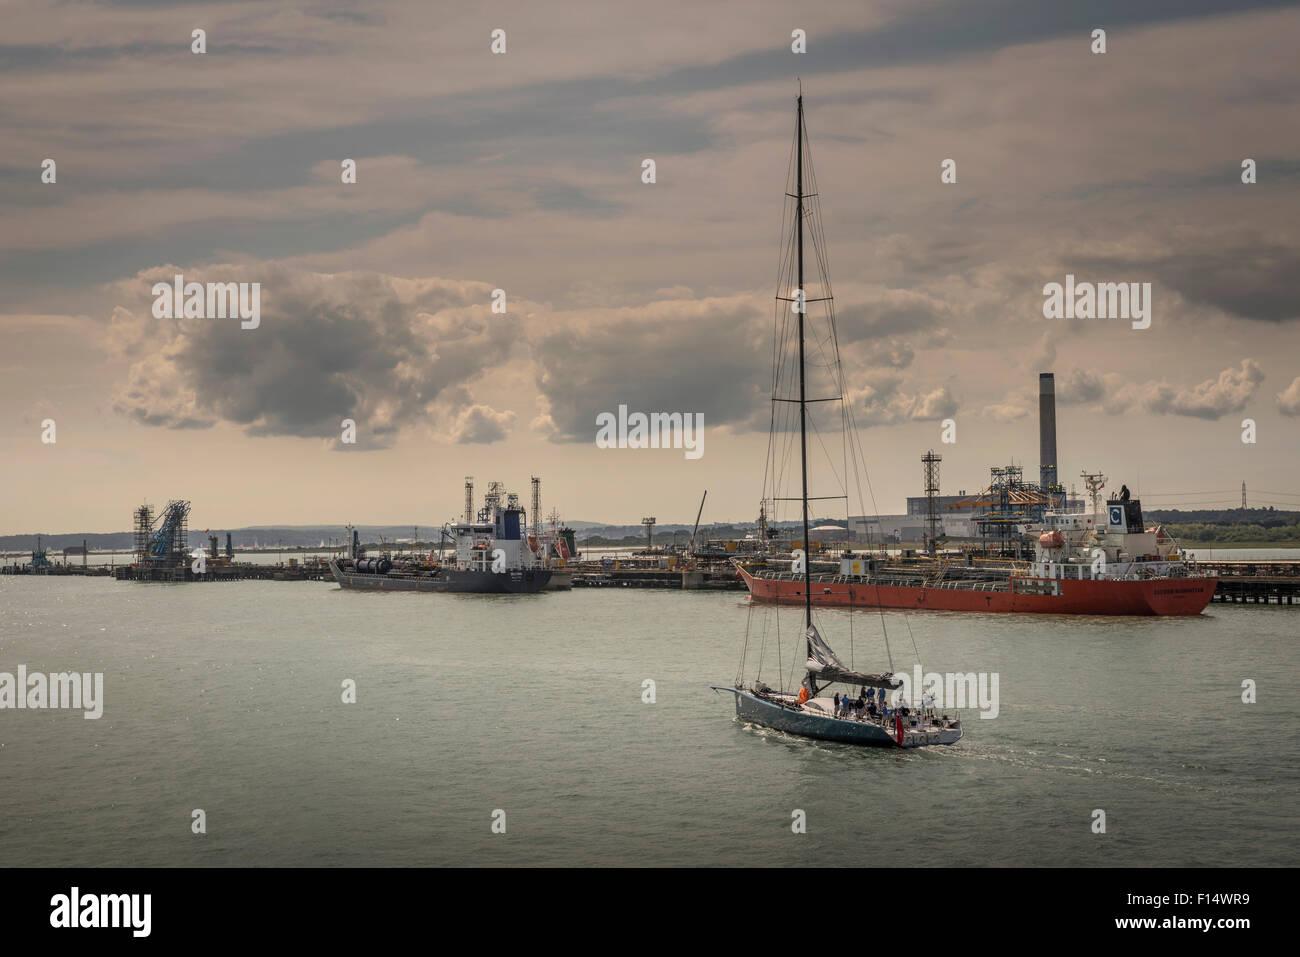 Un yacht à passant de pétroliers à quai à la raffinerie de pétrole de Fawley près de Southampton, Hampshire, Royaume-Uni Banque D'Images